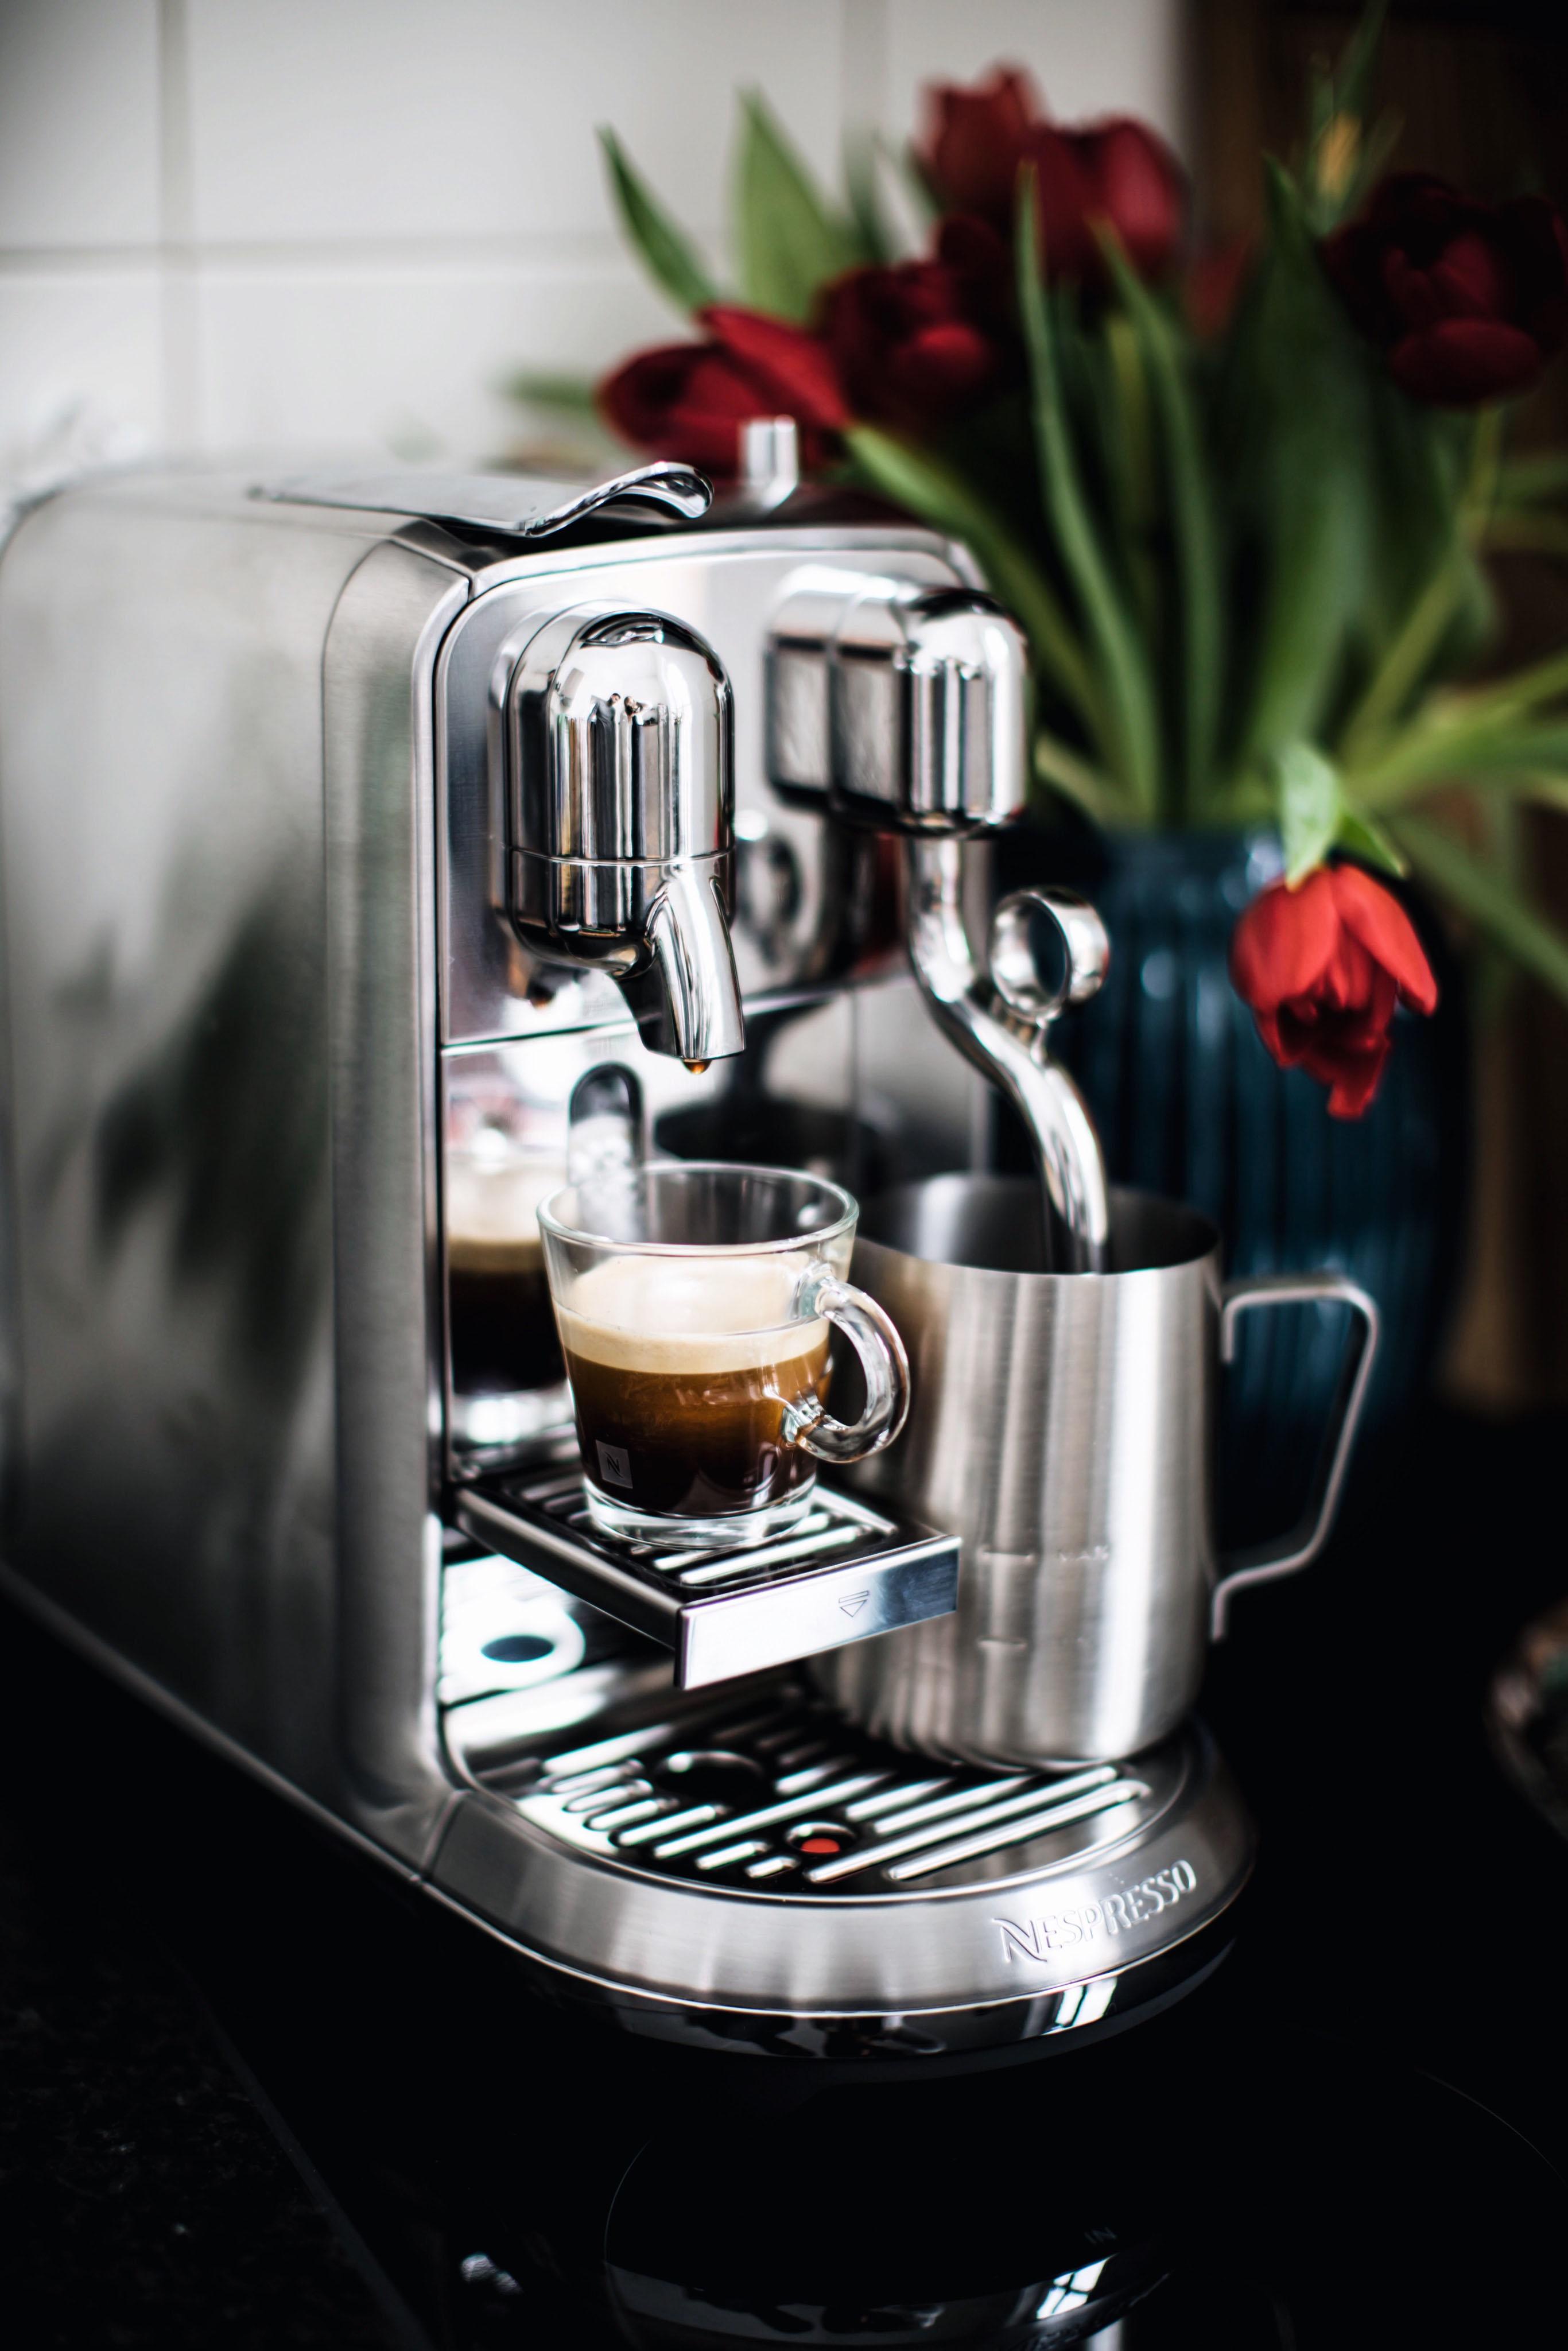 Back to the roots - Auf einen Kaffee mit Nespresso